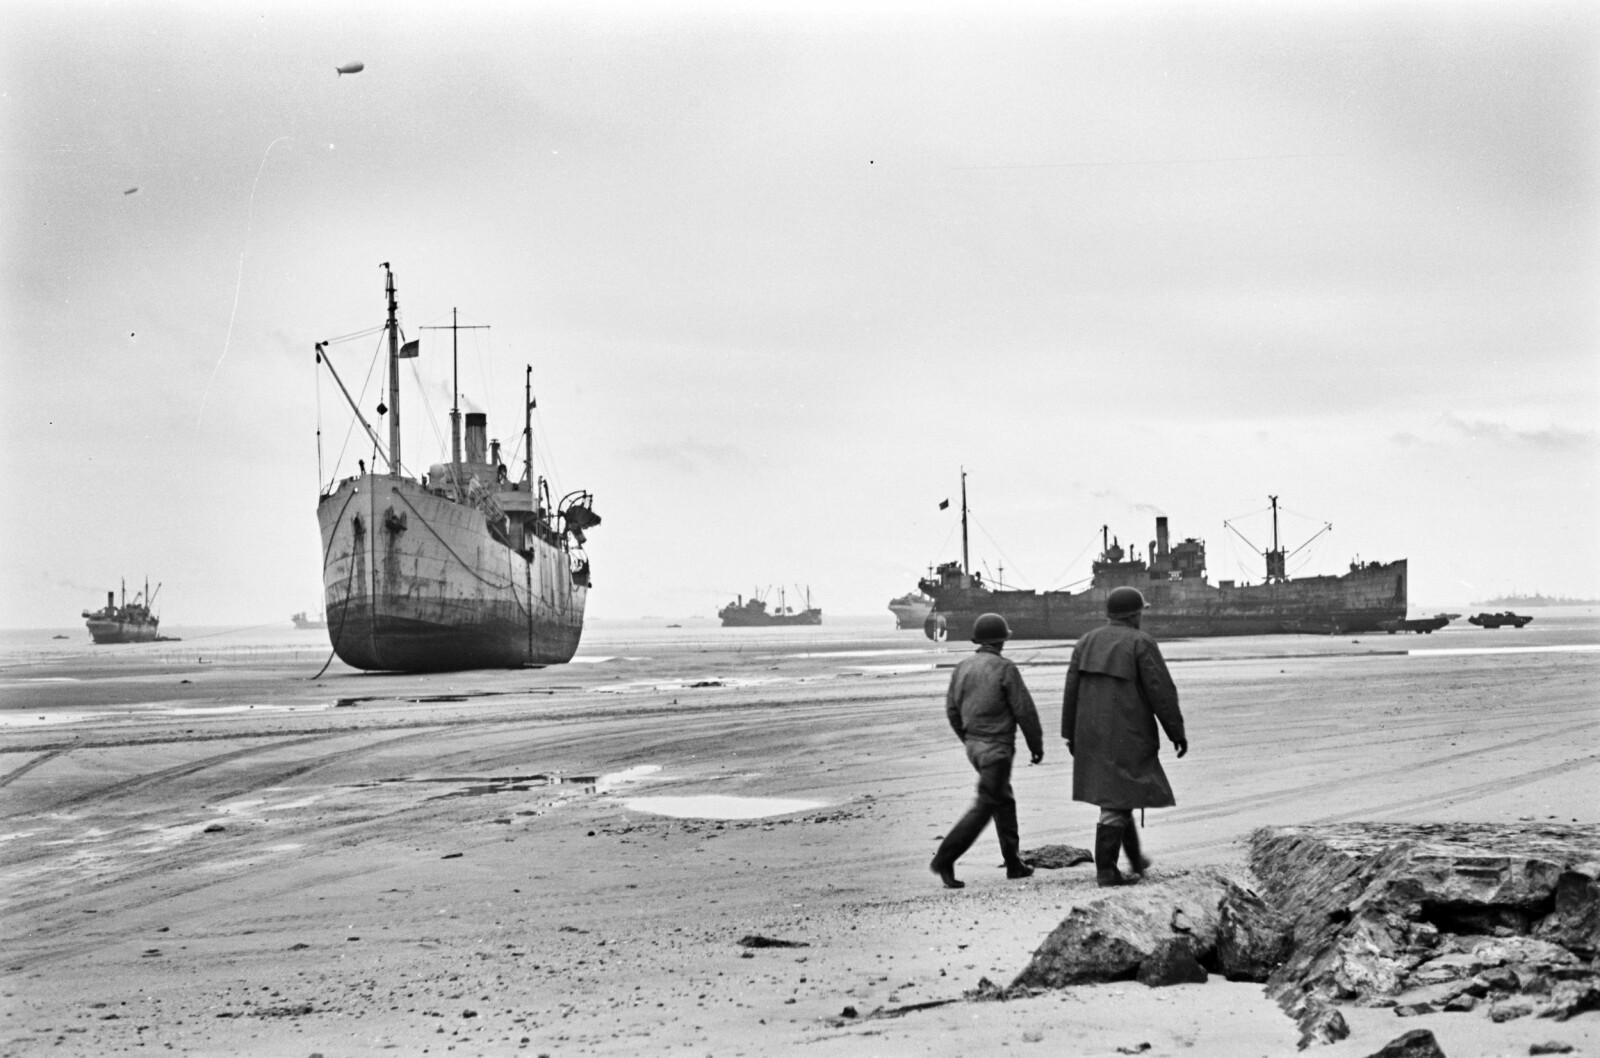 <b>PÅ TRYGG GRUNN:</b> De norske handelsskipene Fagerbro (t.v.) og Heien (t.h.) var blant de 50 norske sivile fartøyene som bidro til at invasjonen i Normandie lyktes. Her under lossing ved lavvann utenfor det amerikanske avsnittet av stranden.